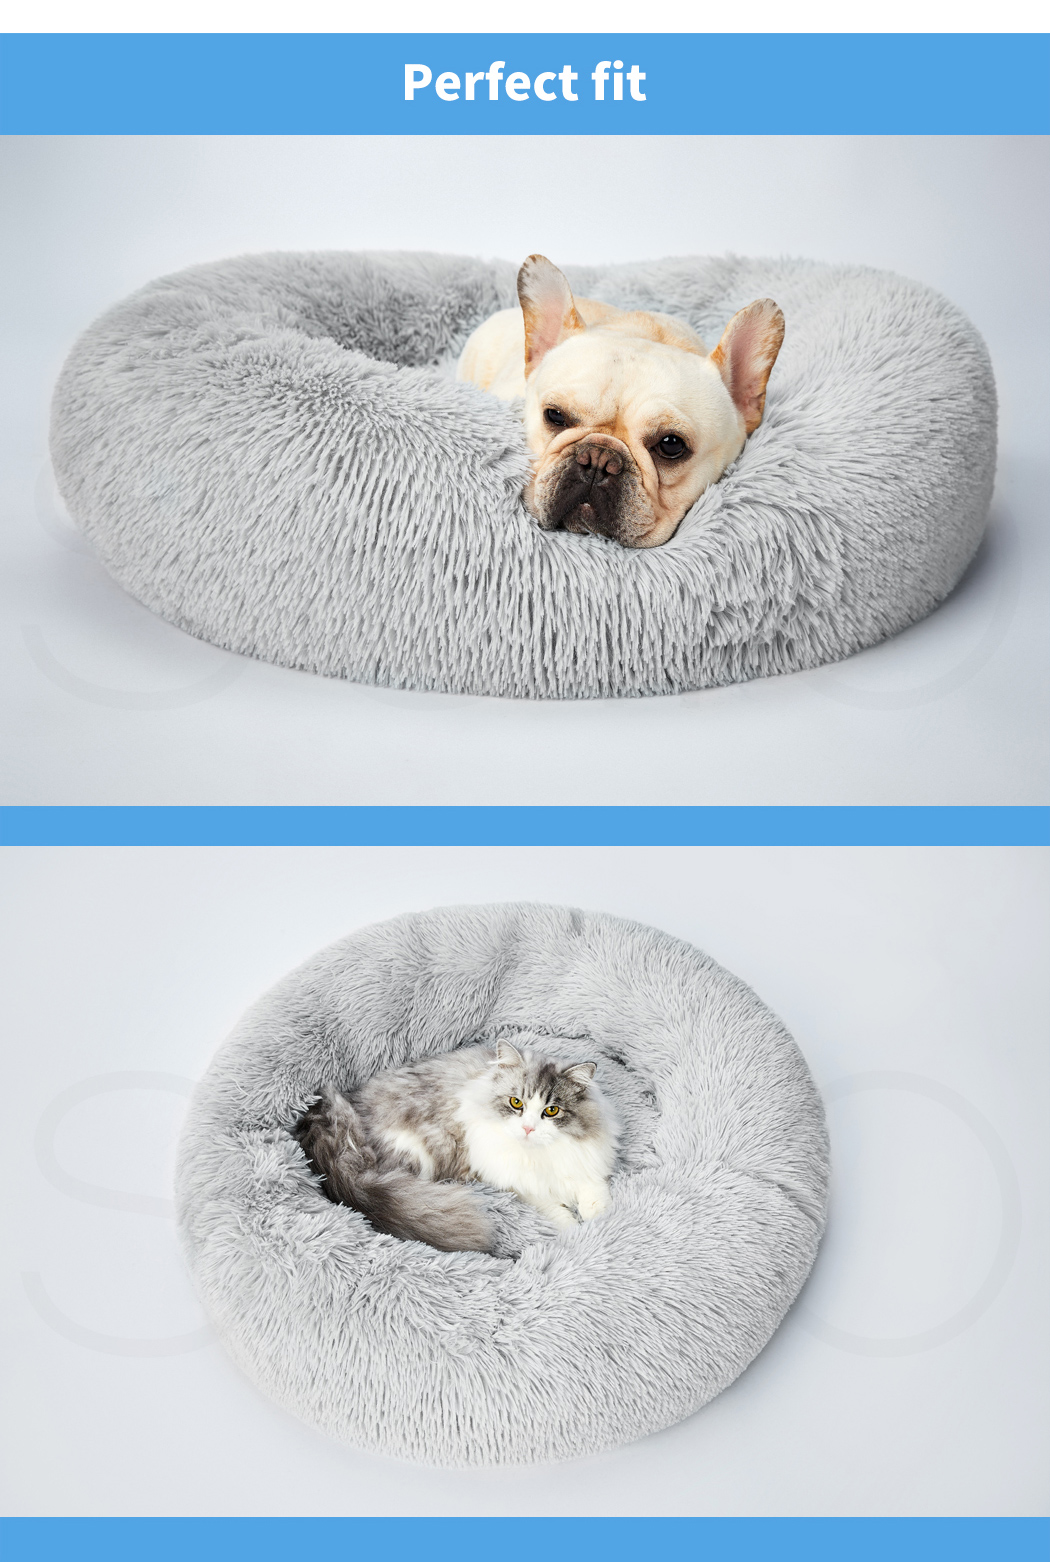 thumbnail 85 - PaWz Pet Bed Cat Dog Donut Nest Calming Mat Soft Plush Kennel Cave Deep Sleeping